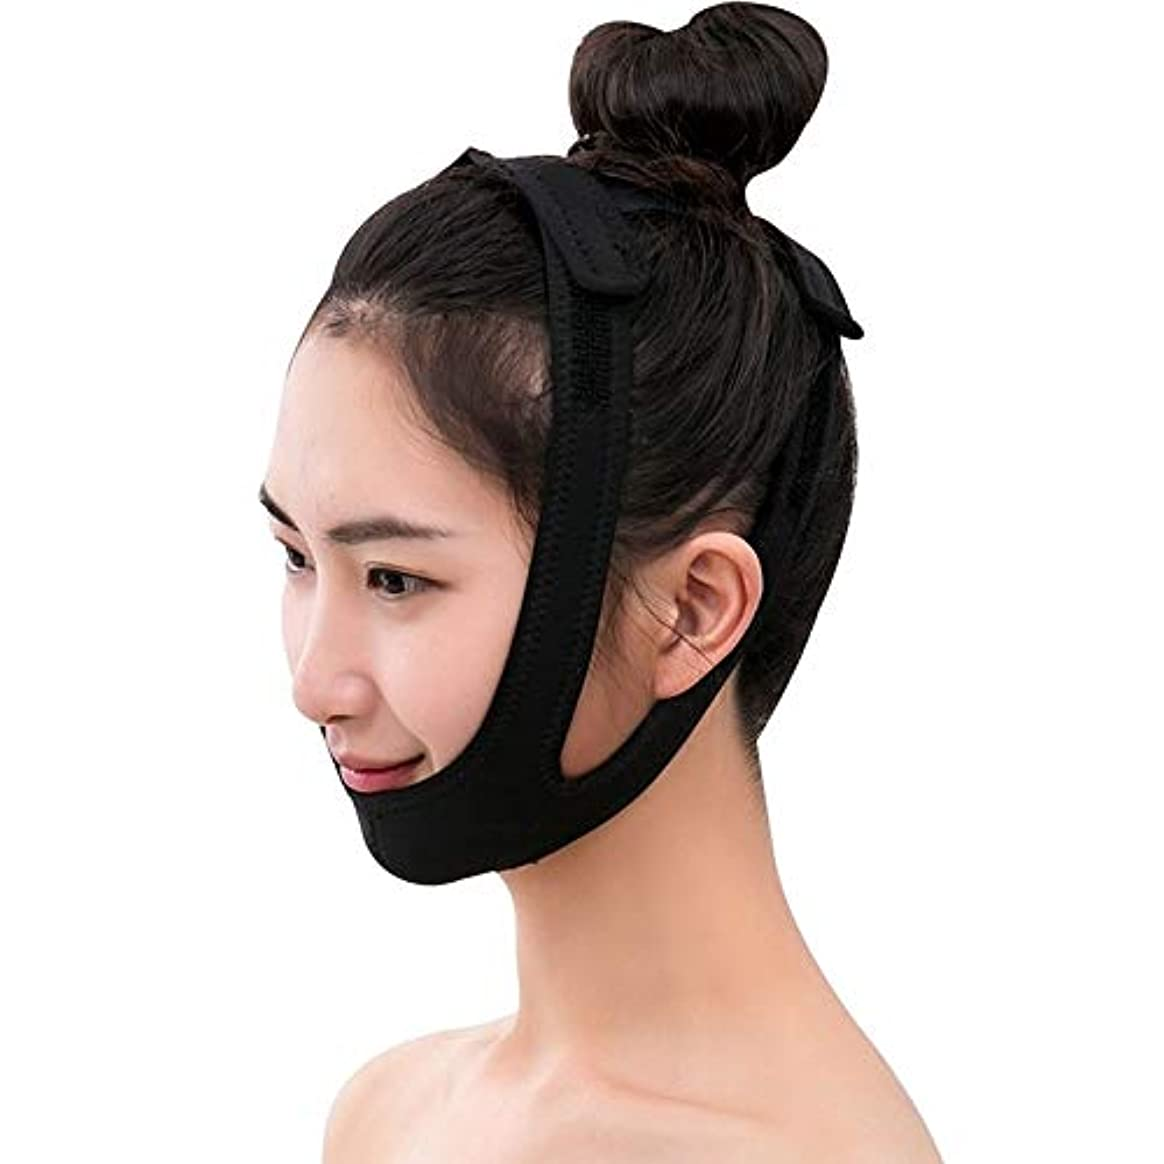 曇った司法熱意Jia Jia- 強力なフェイスリフトアーチファクト術後回復ライン彫刻フェイシャルリフト睡眠リフティングフェイス引き締めVフェイス包帯 - 黒 顔面包帯